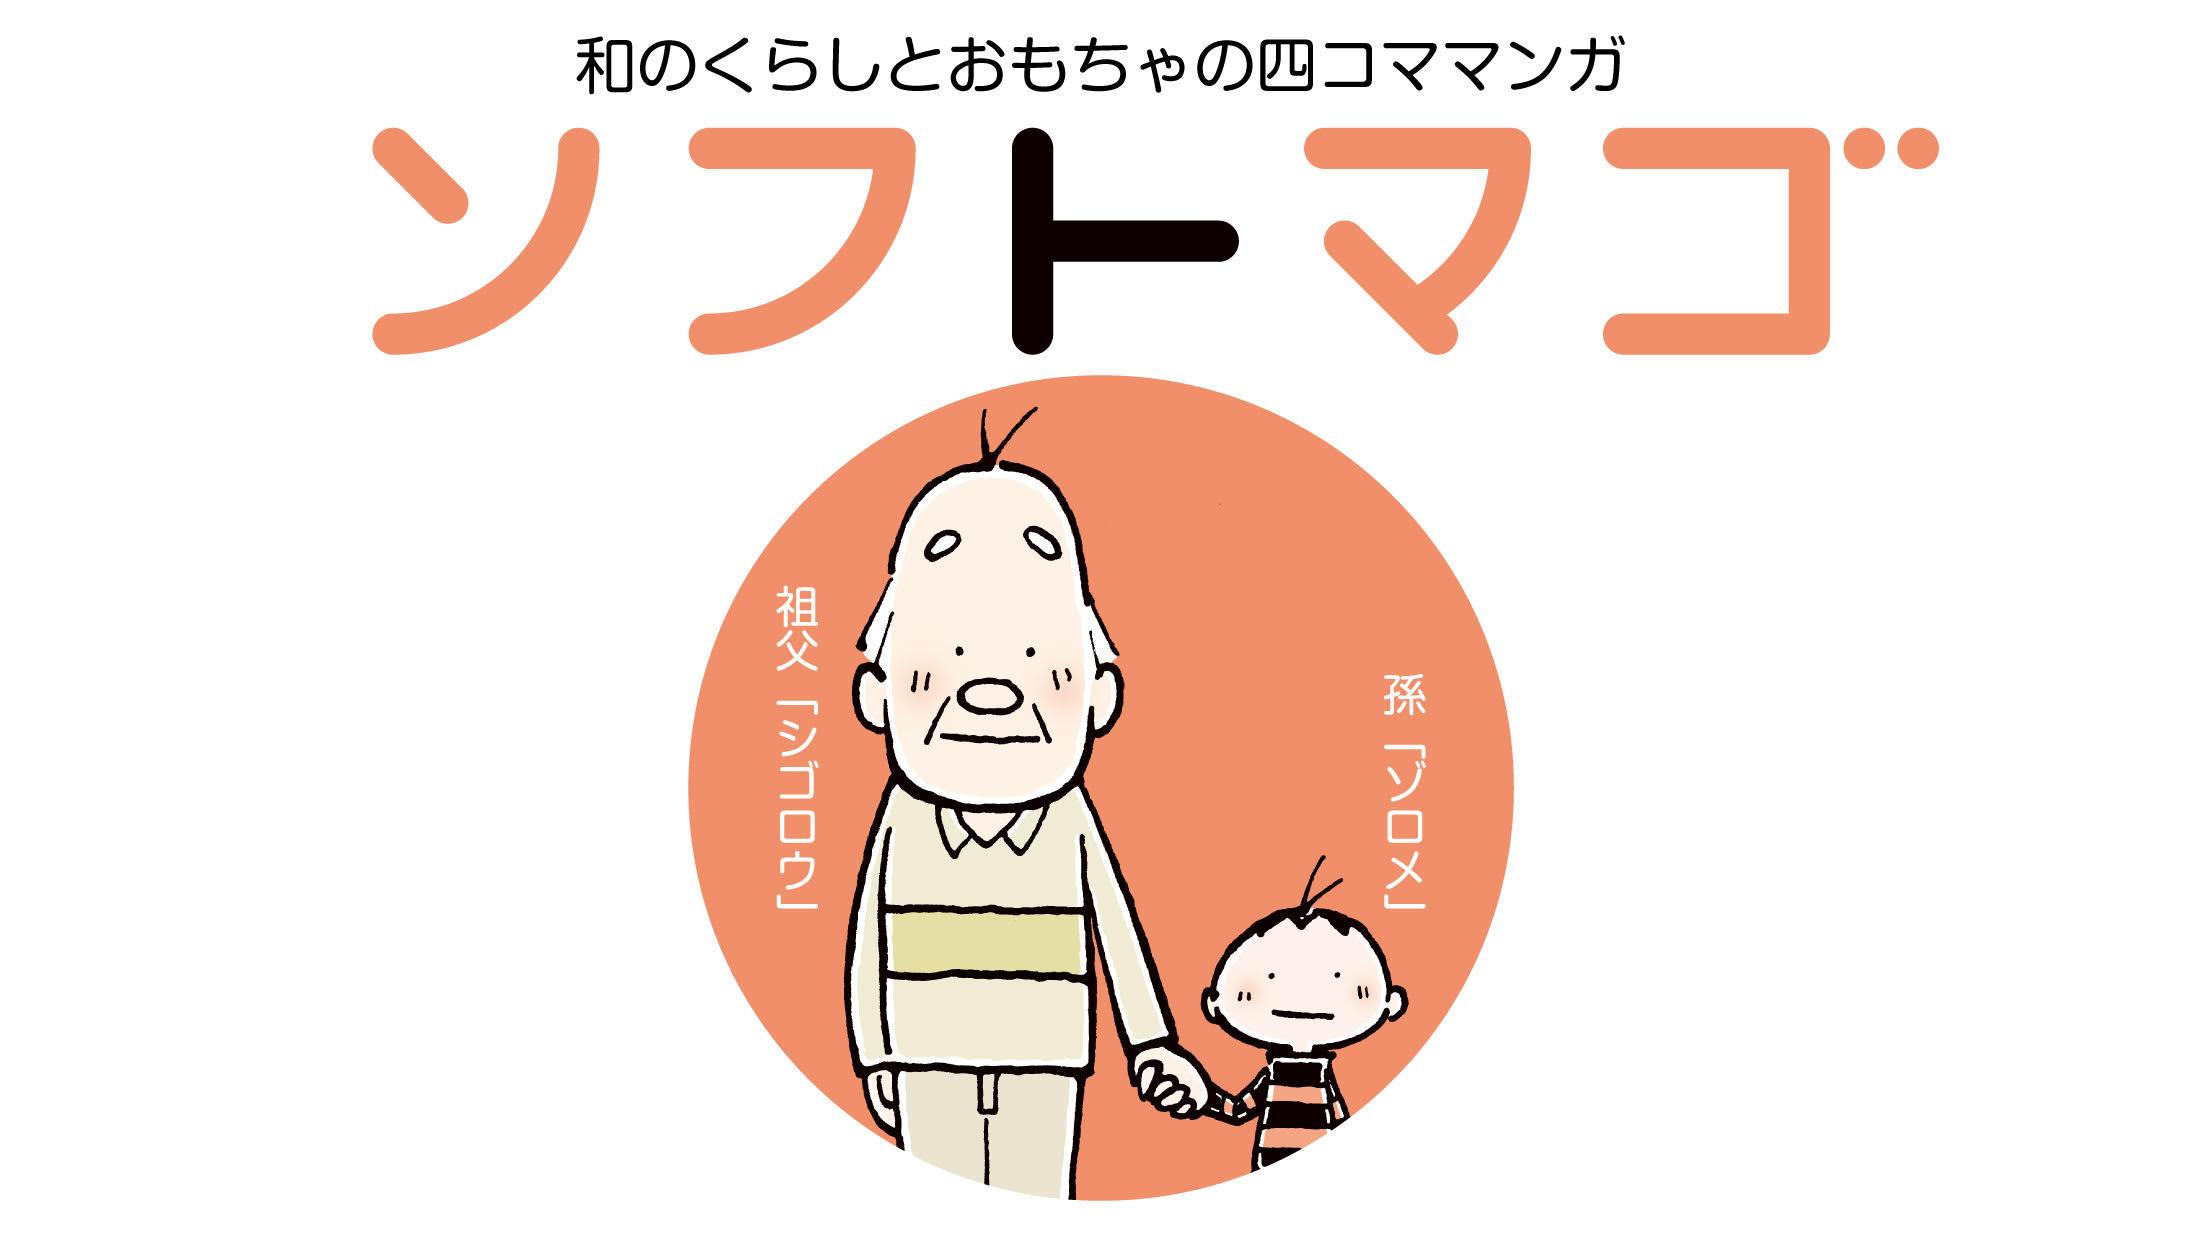 和のくらしとおもちゃの四コママンガ「ソフトマゴ」10月